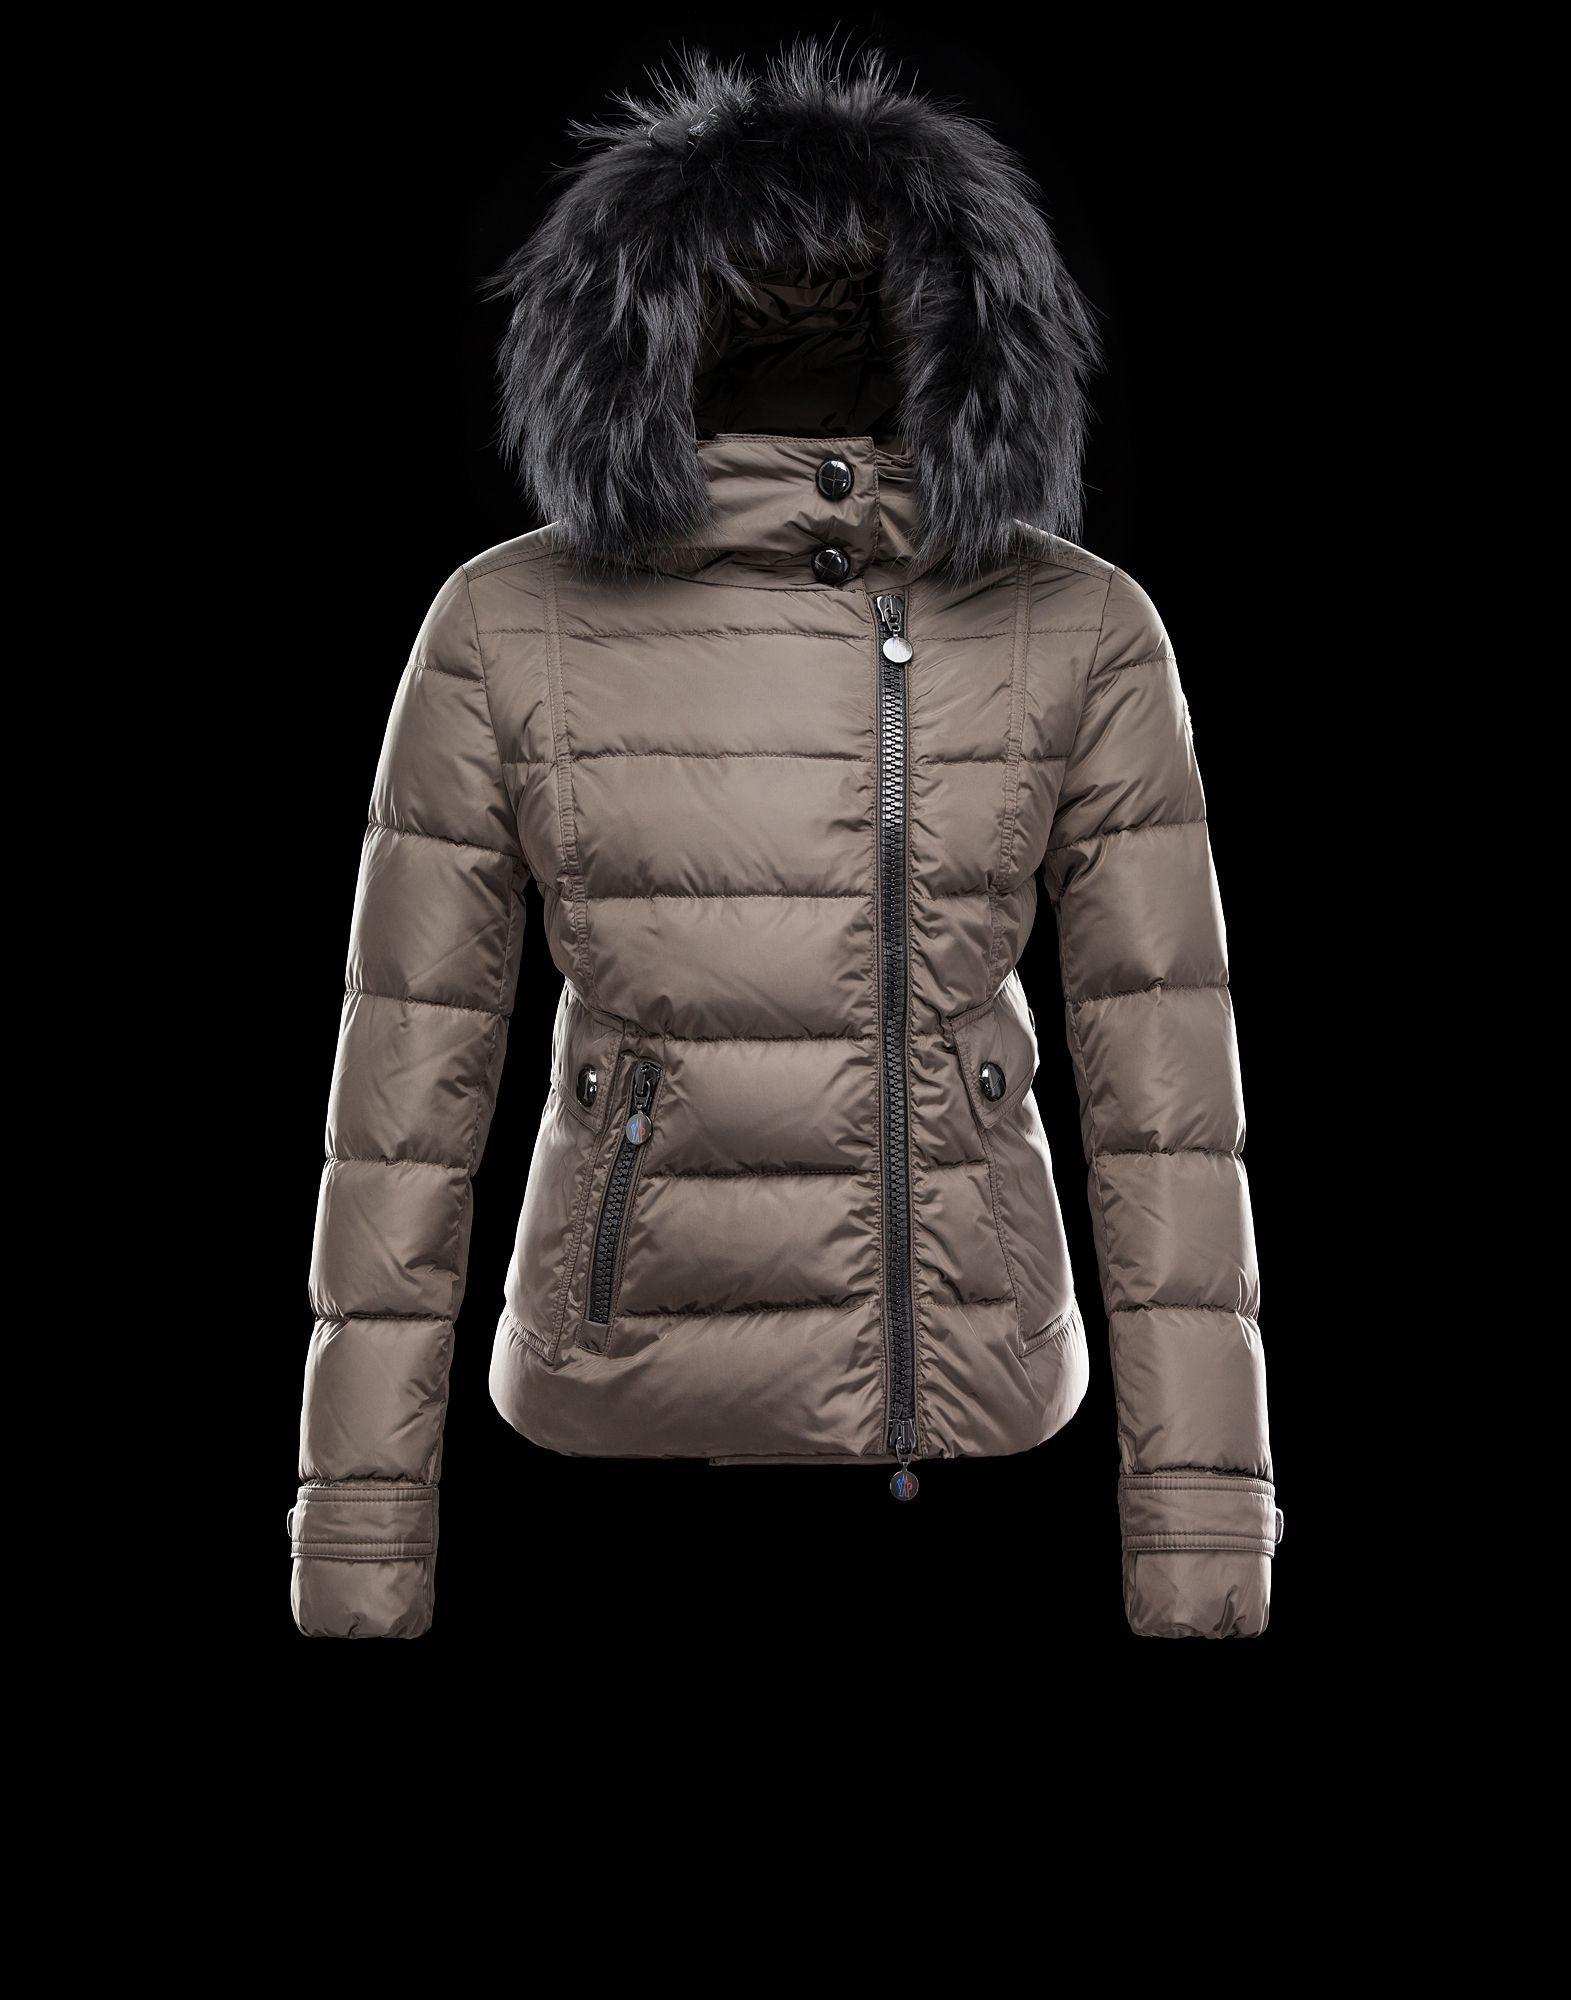 Cazadora Mujer - Ropa de abrigo Mujer en Moncler Online Store  050bb17fac3a